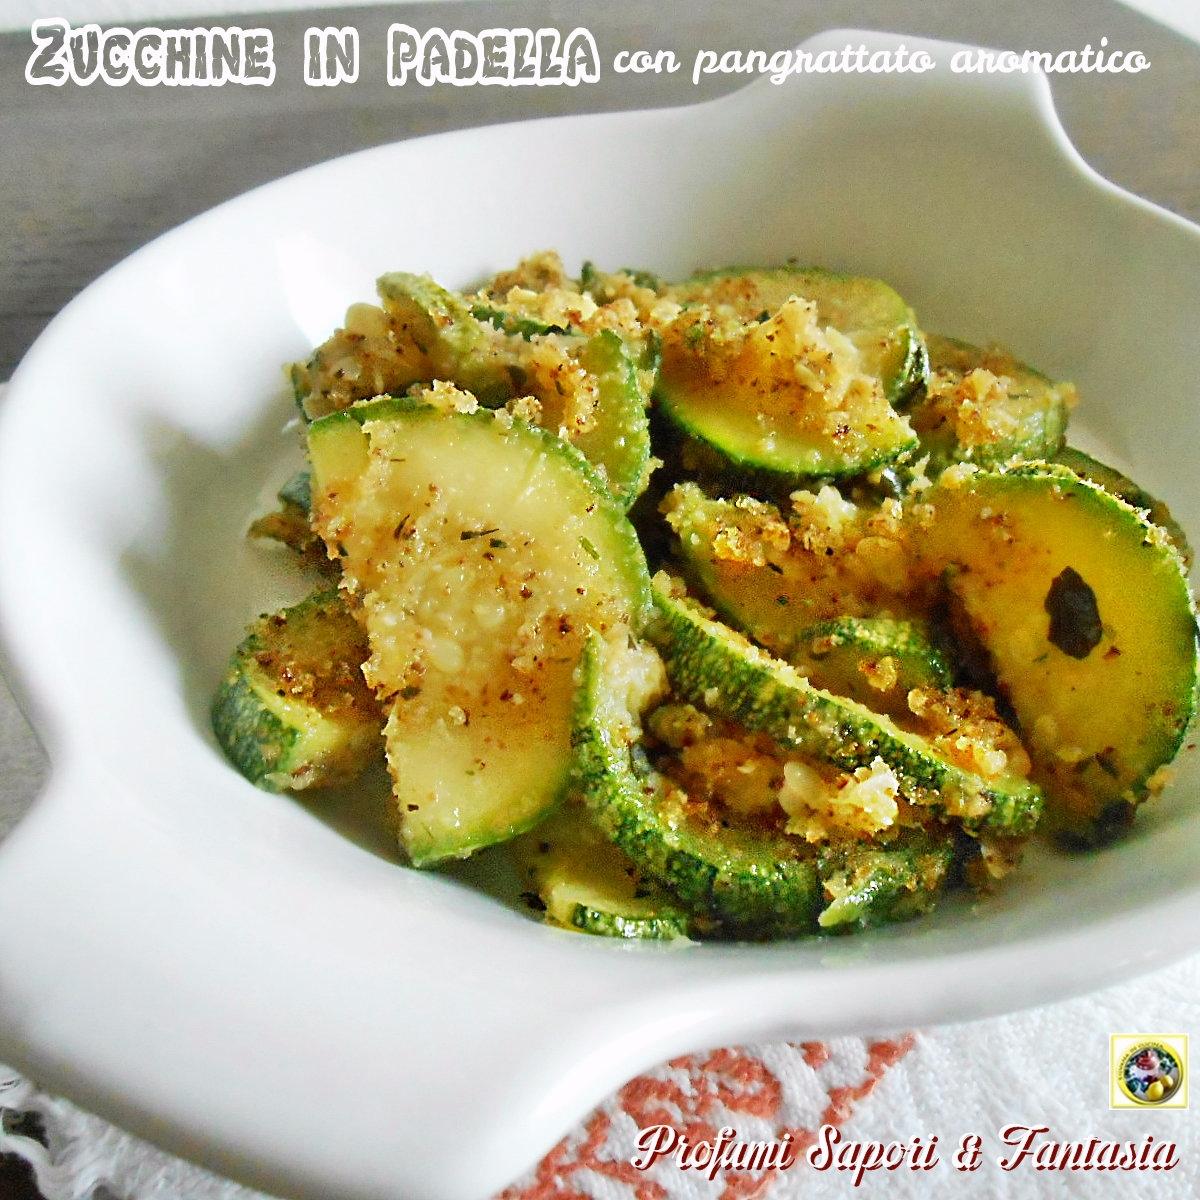 Zucchine in padella con pangrattato aromatico for Cucinare le zucchine